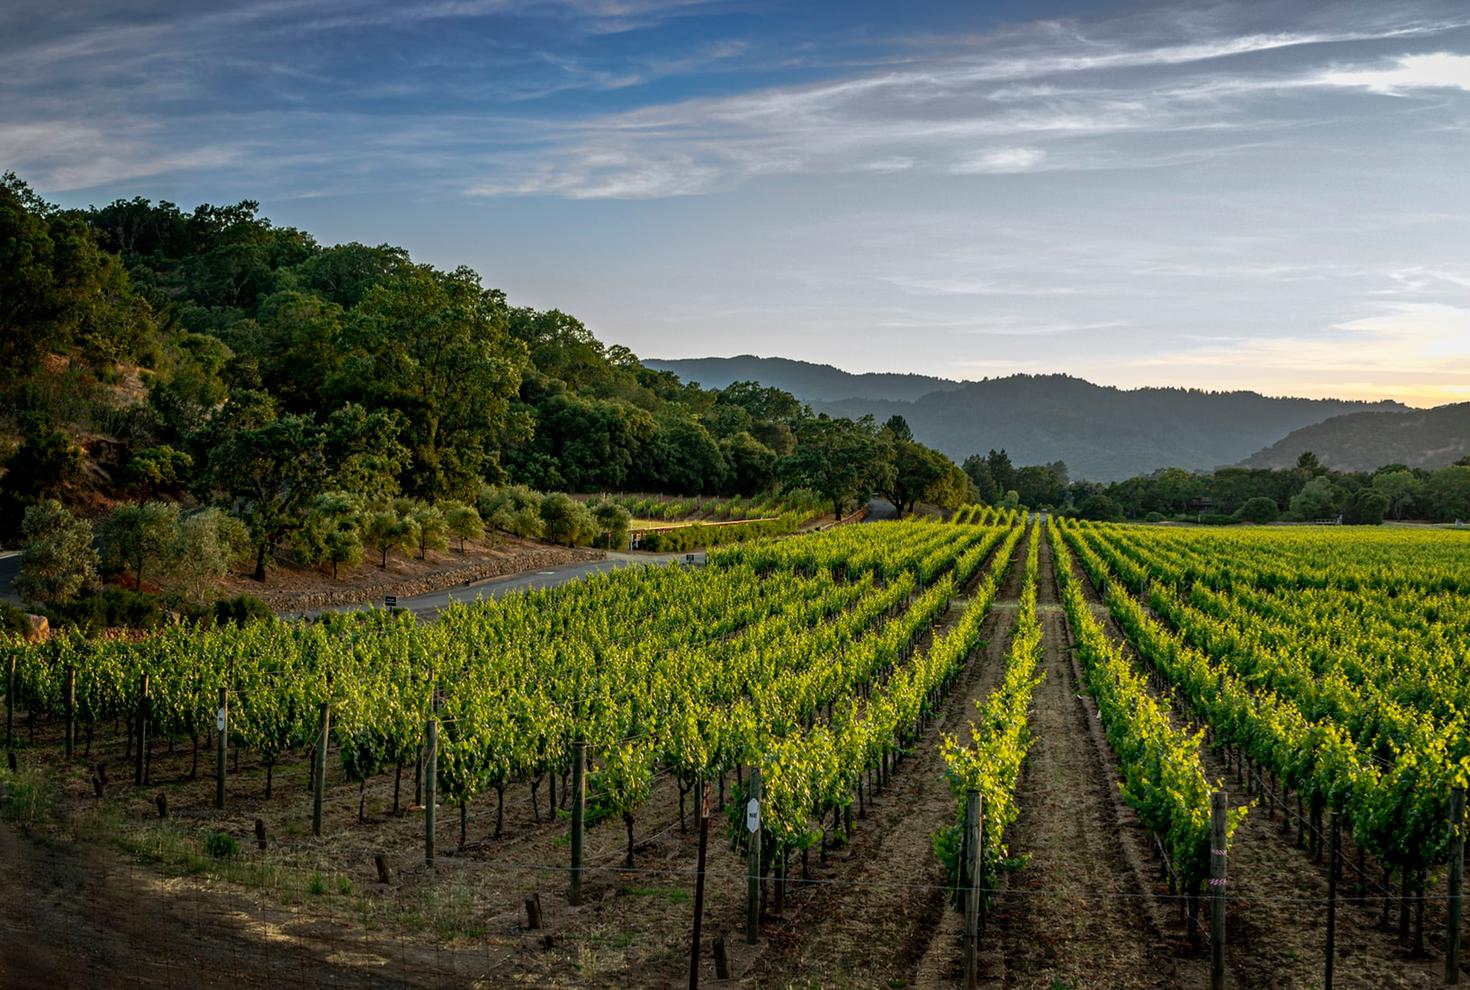 Orgullo por nuestra industria vitivinícola - Uruguay